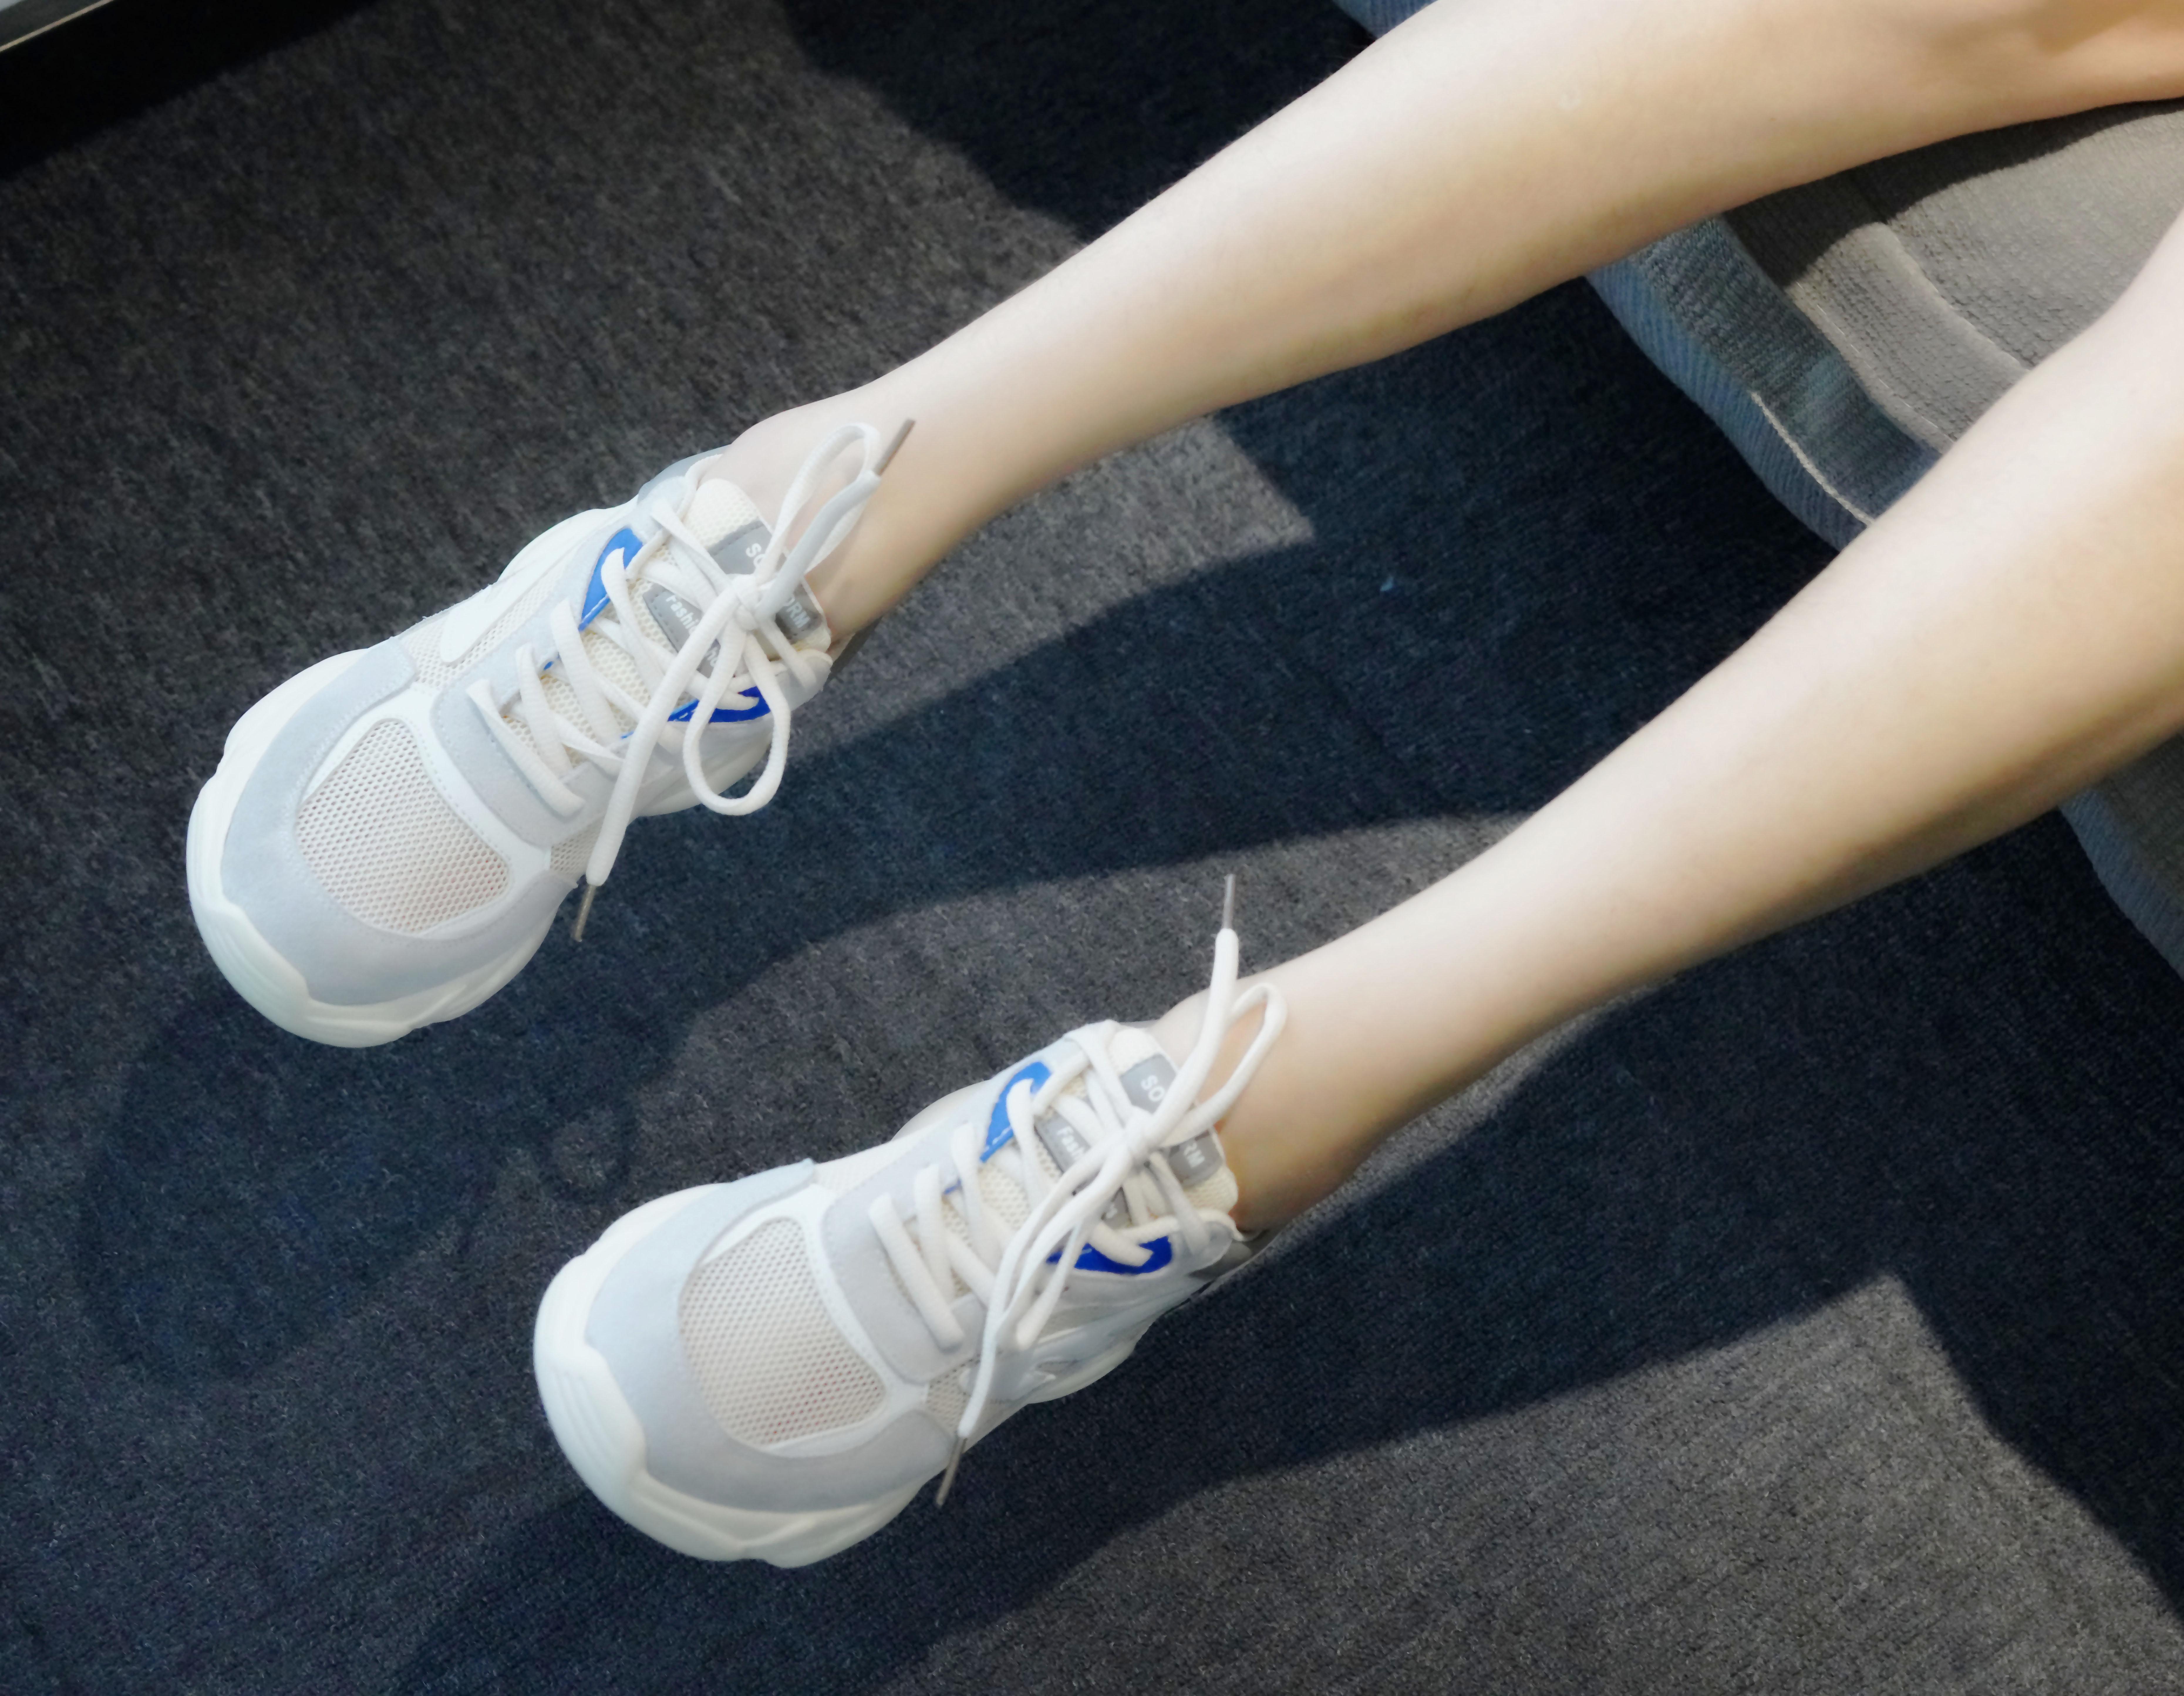 怎么系鞋带好看又简单教程视频 穿鞋带教程一步一步教